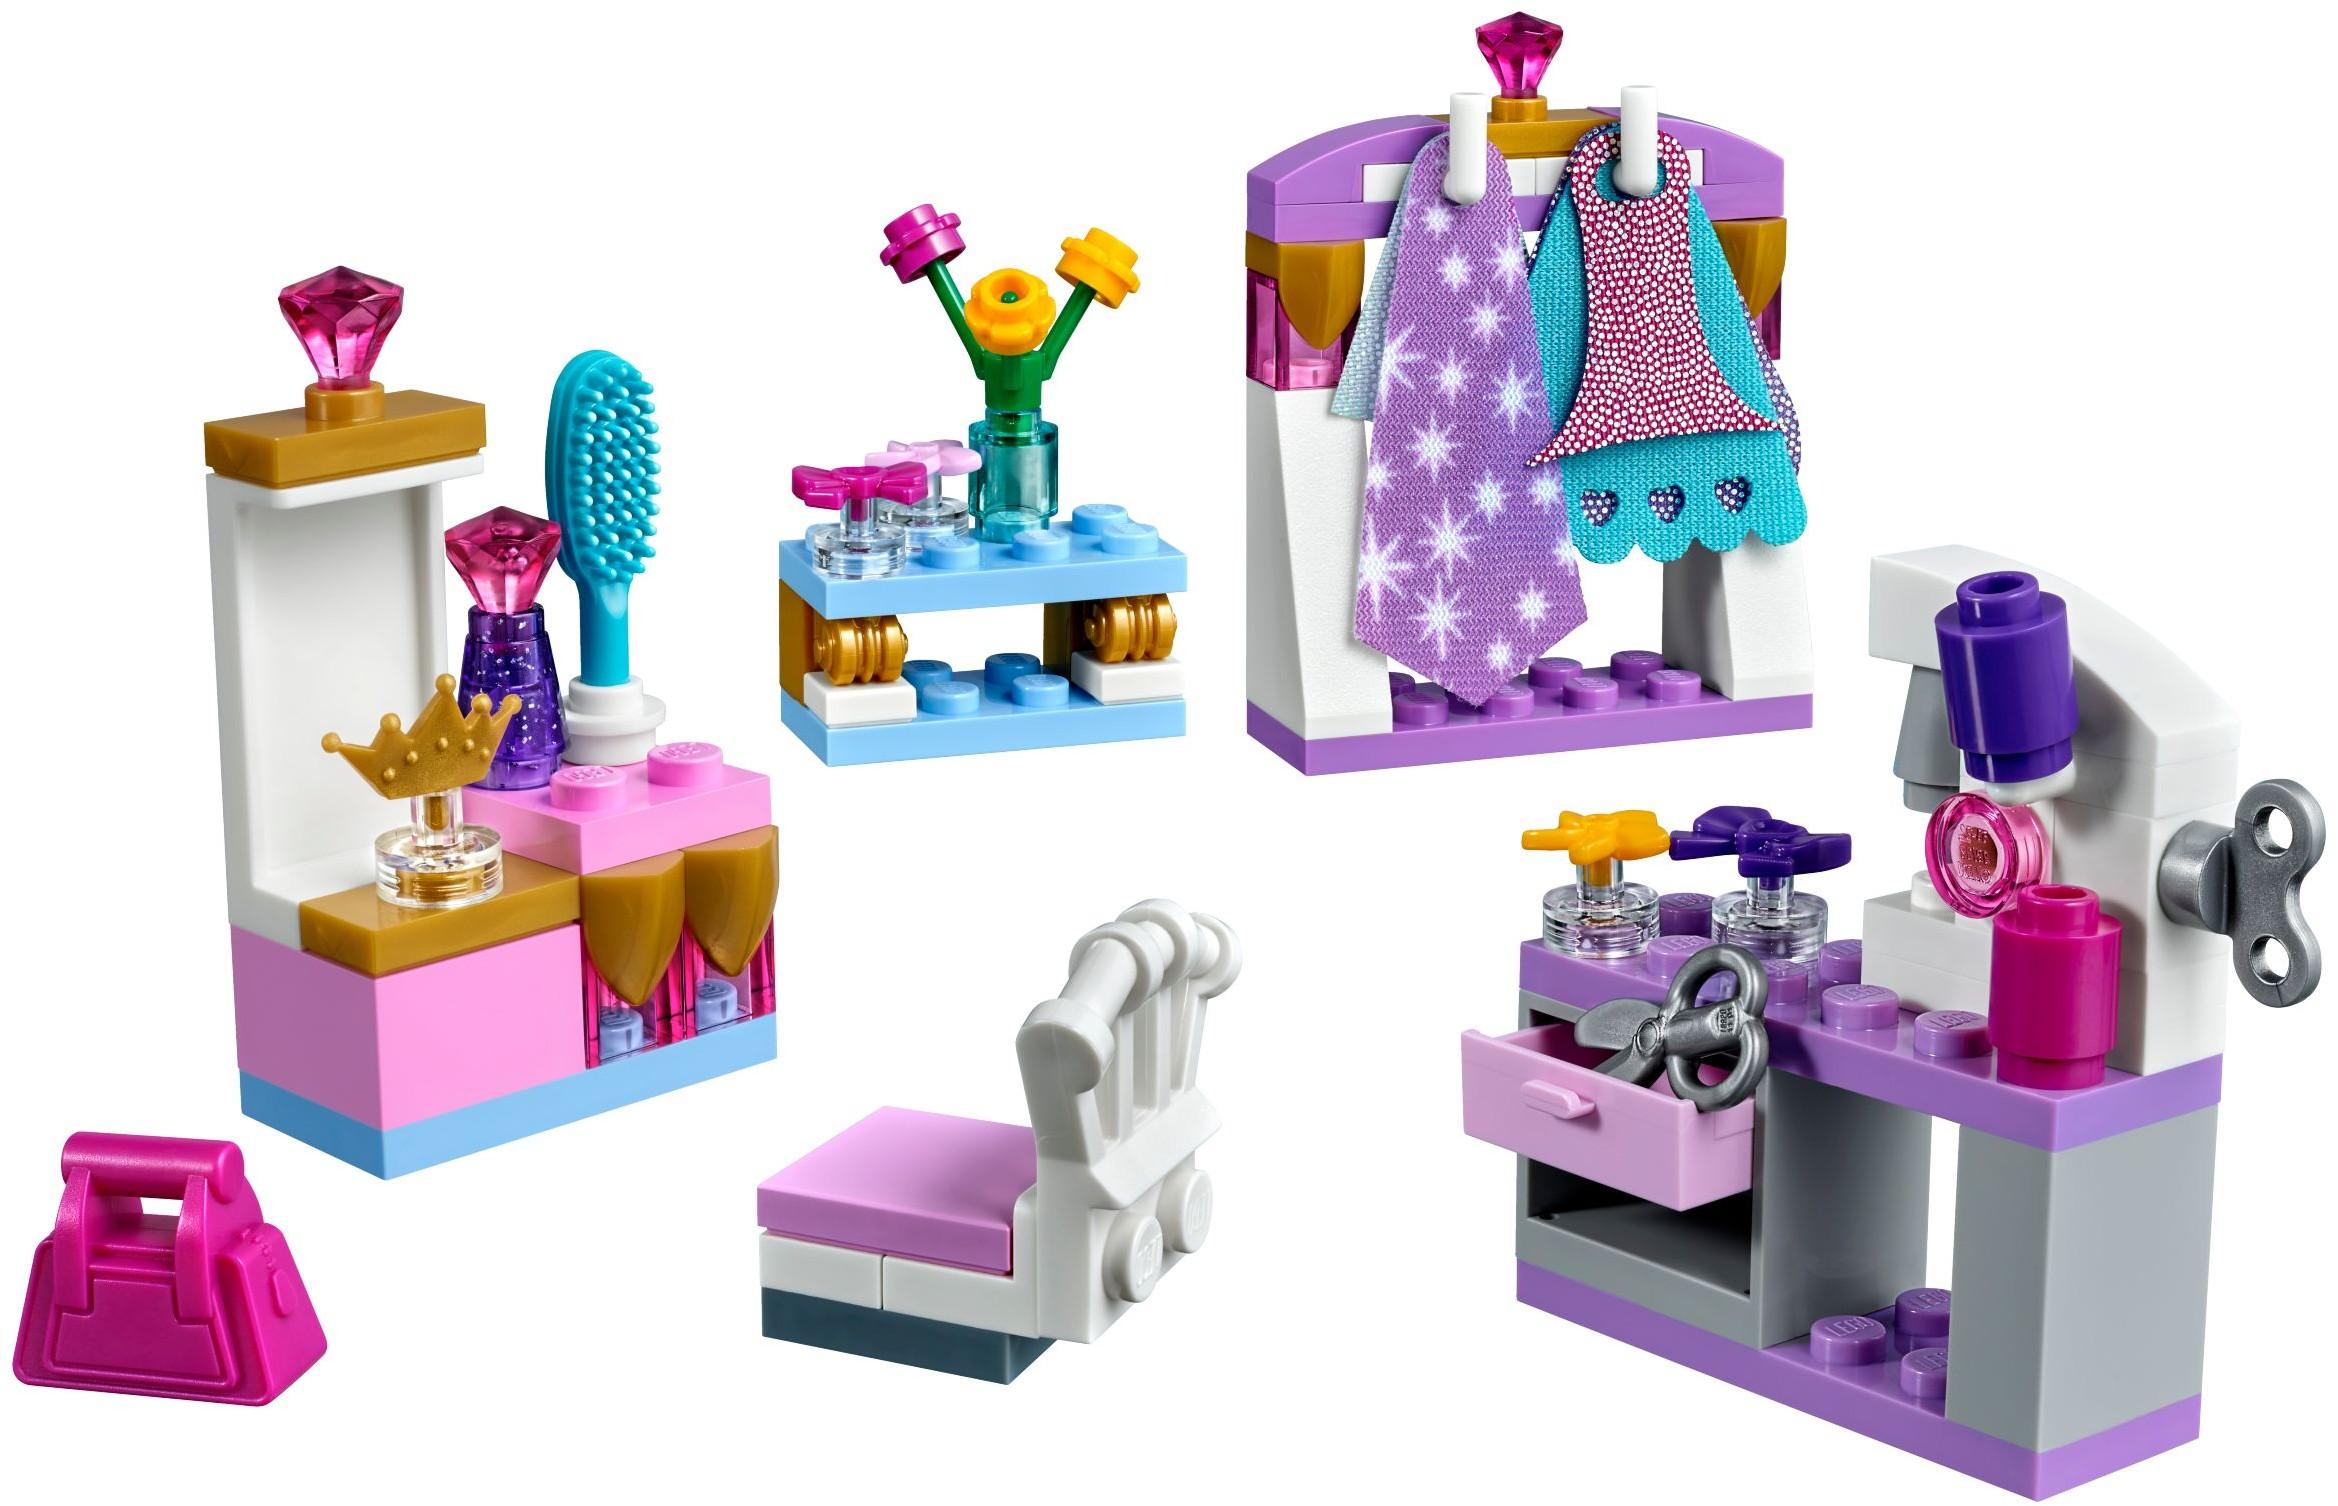 Disney | Brickset: LEGO set guide and database